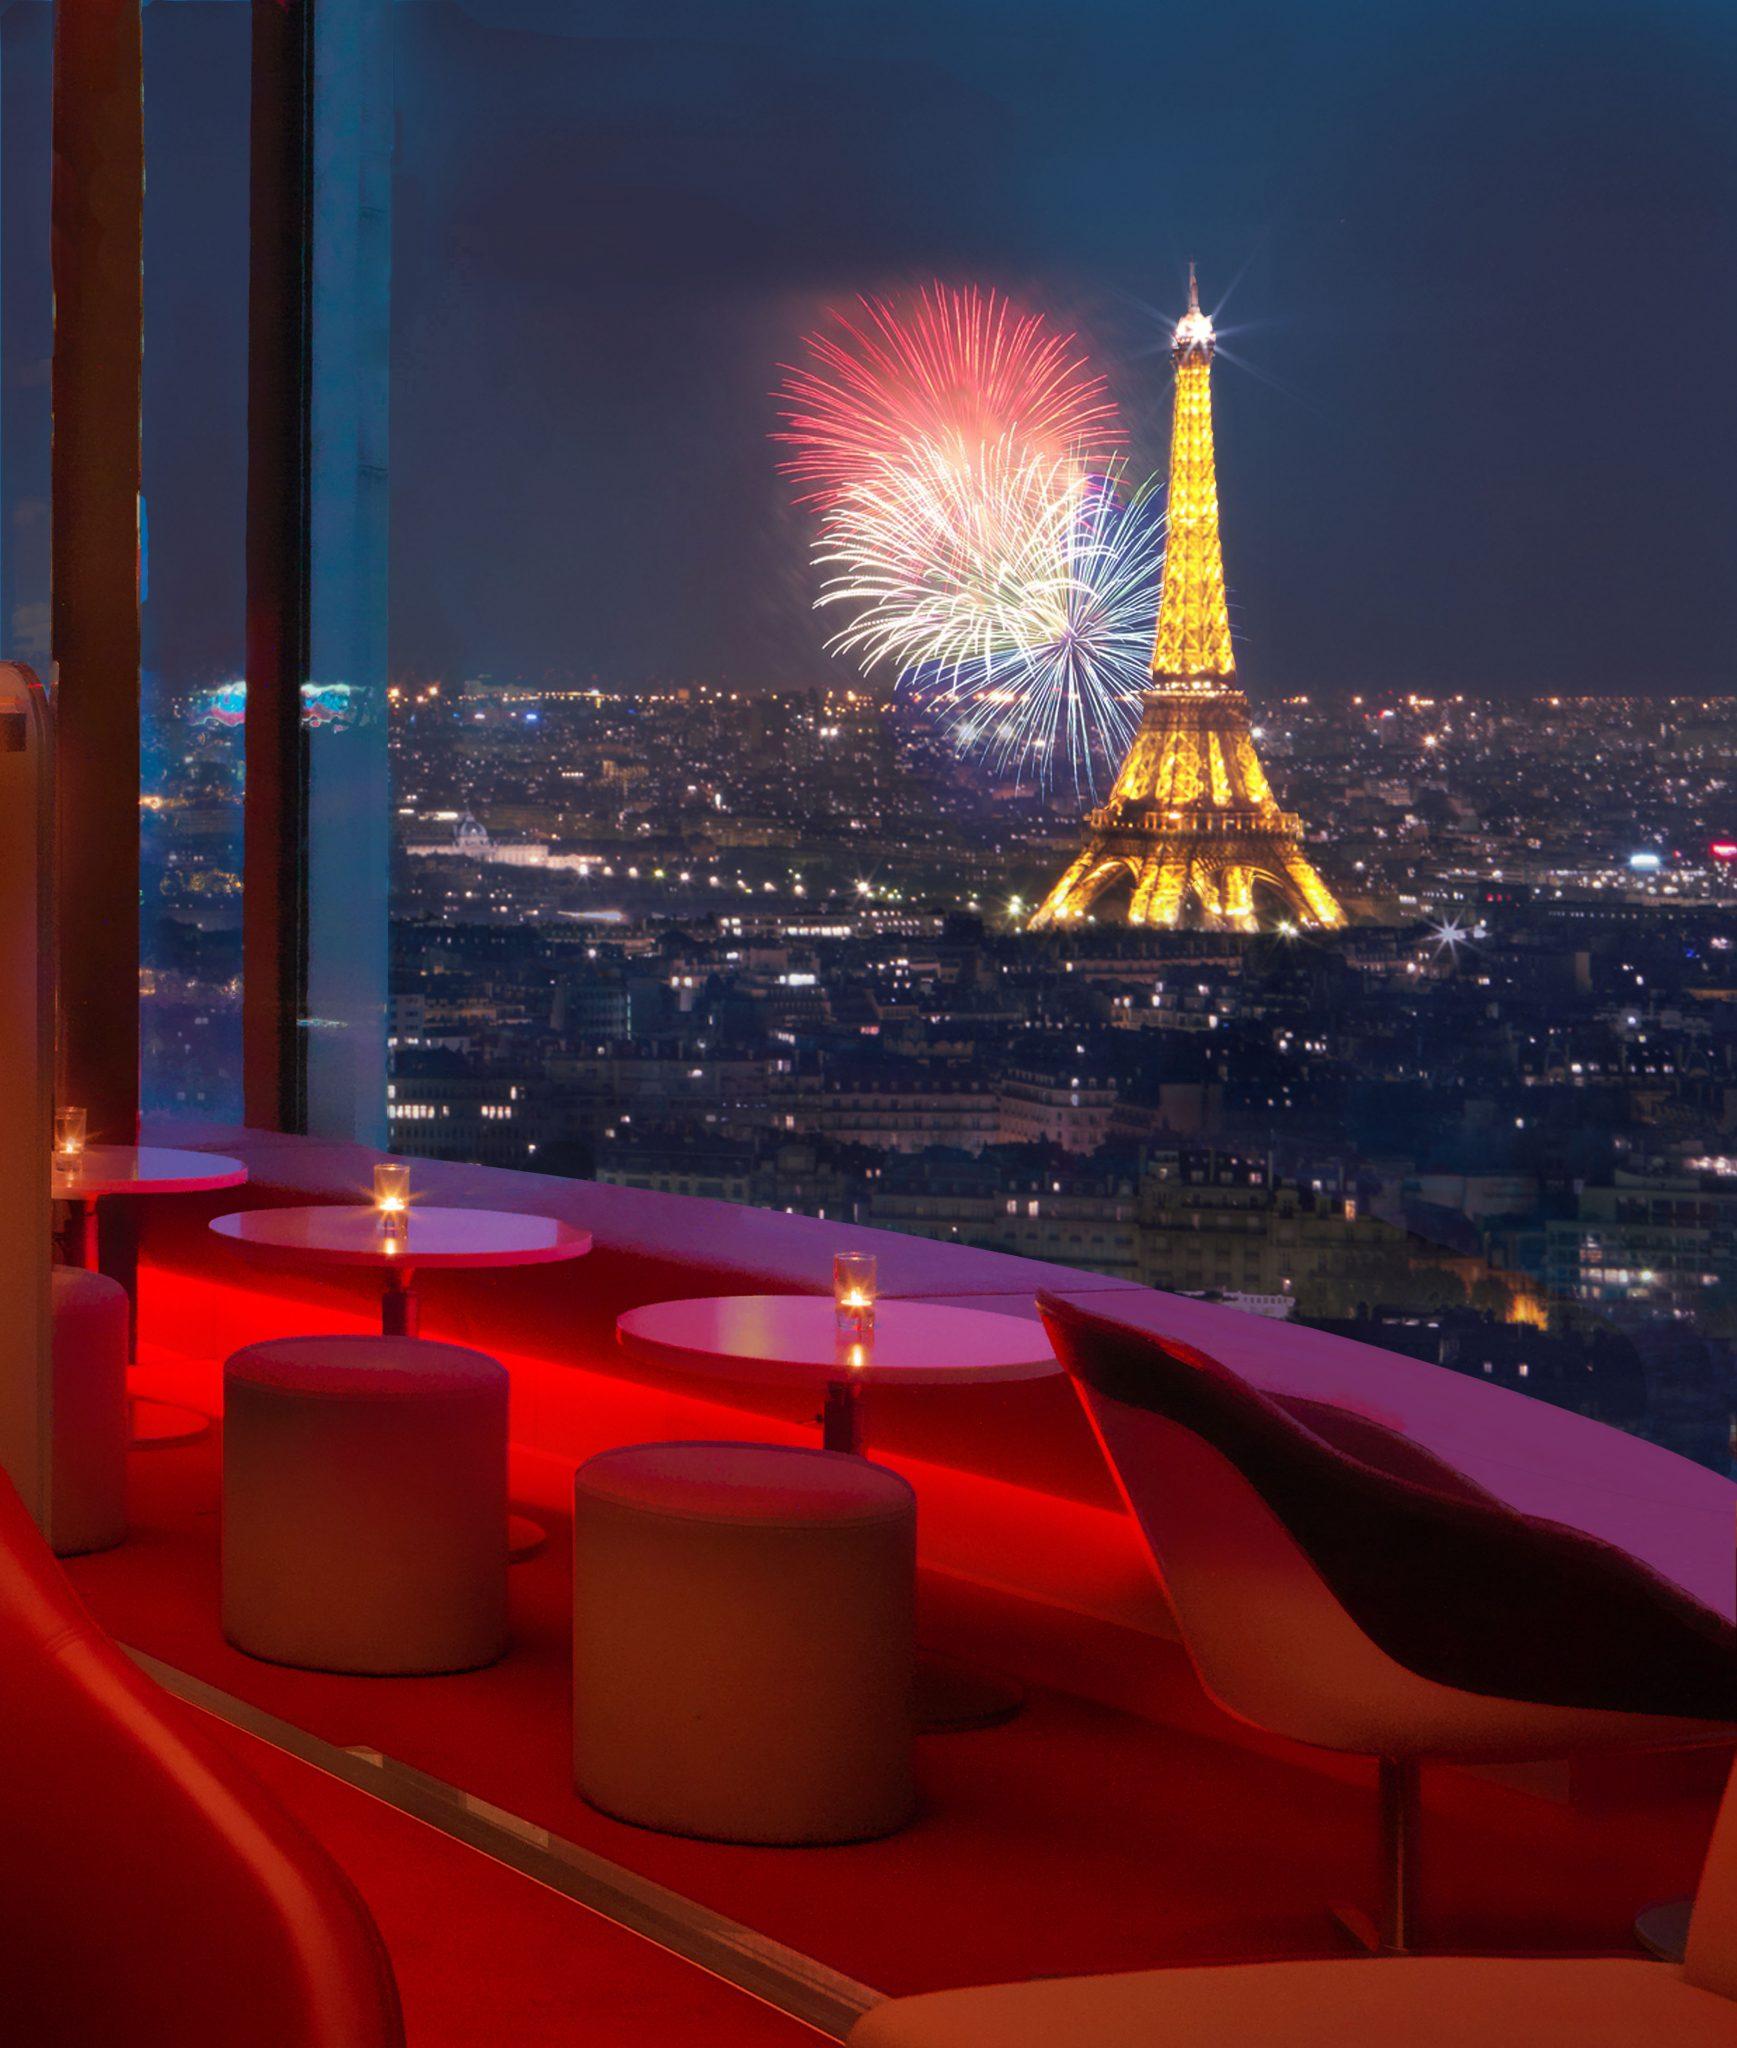 Les Bons Plans Du 14 Juillet 2014 Mademoiselle Bon Plan